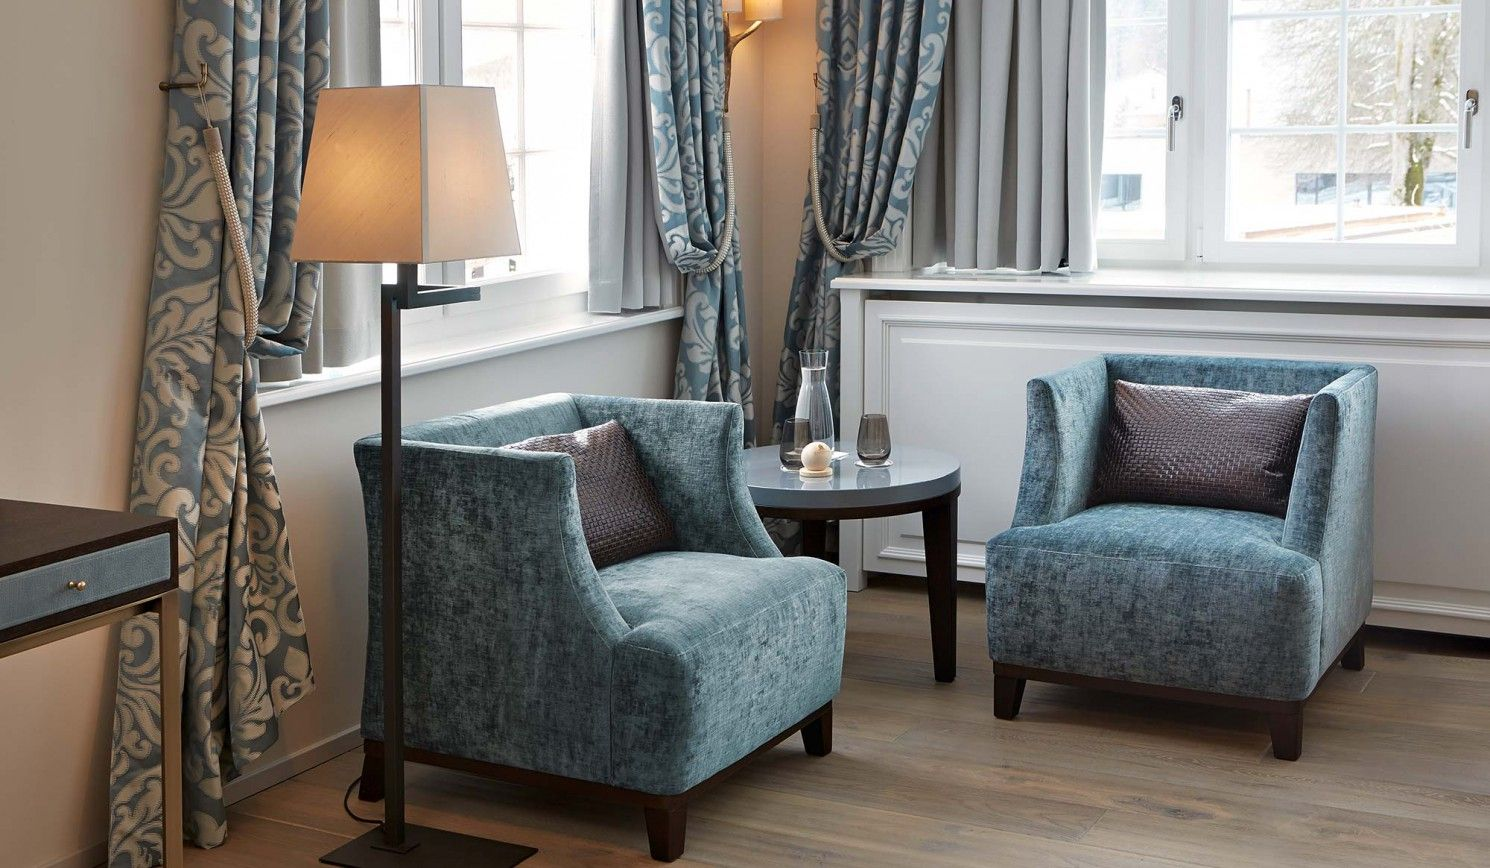 The Zur Fernsicht Hotel And Restaurant Heiden Switzerland Furniture Contract Project By